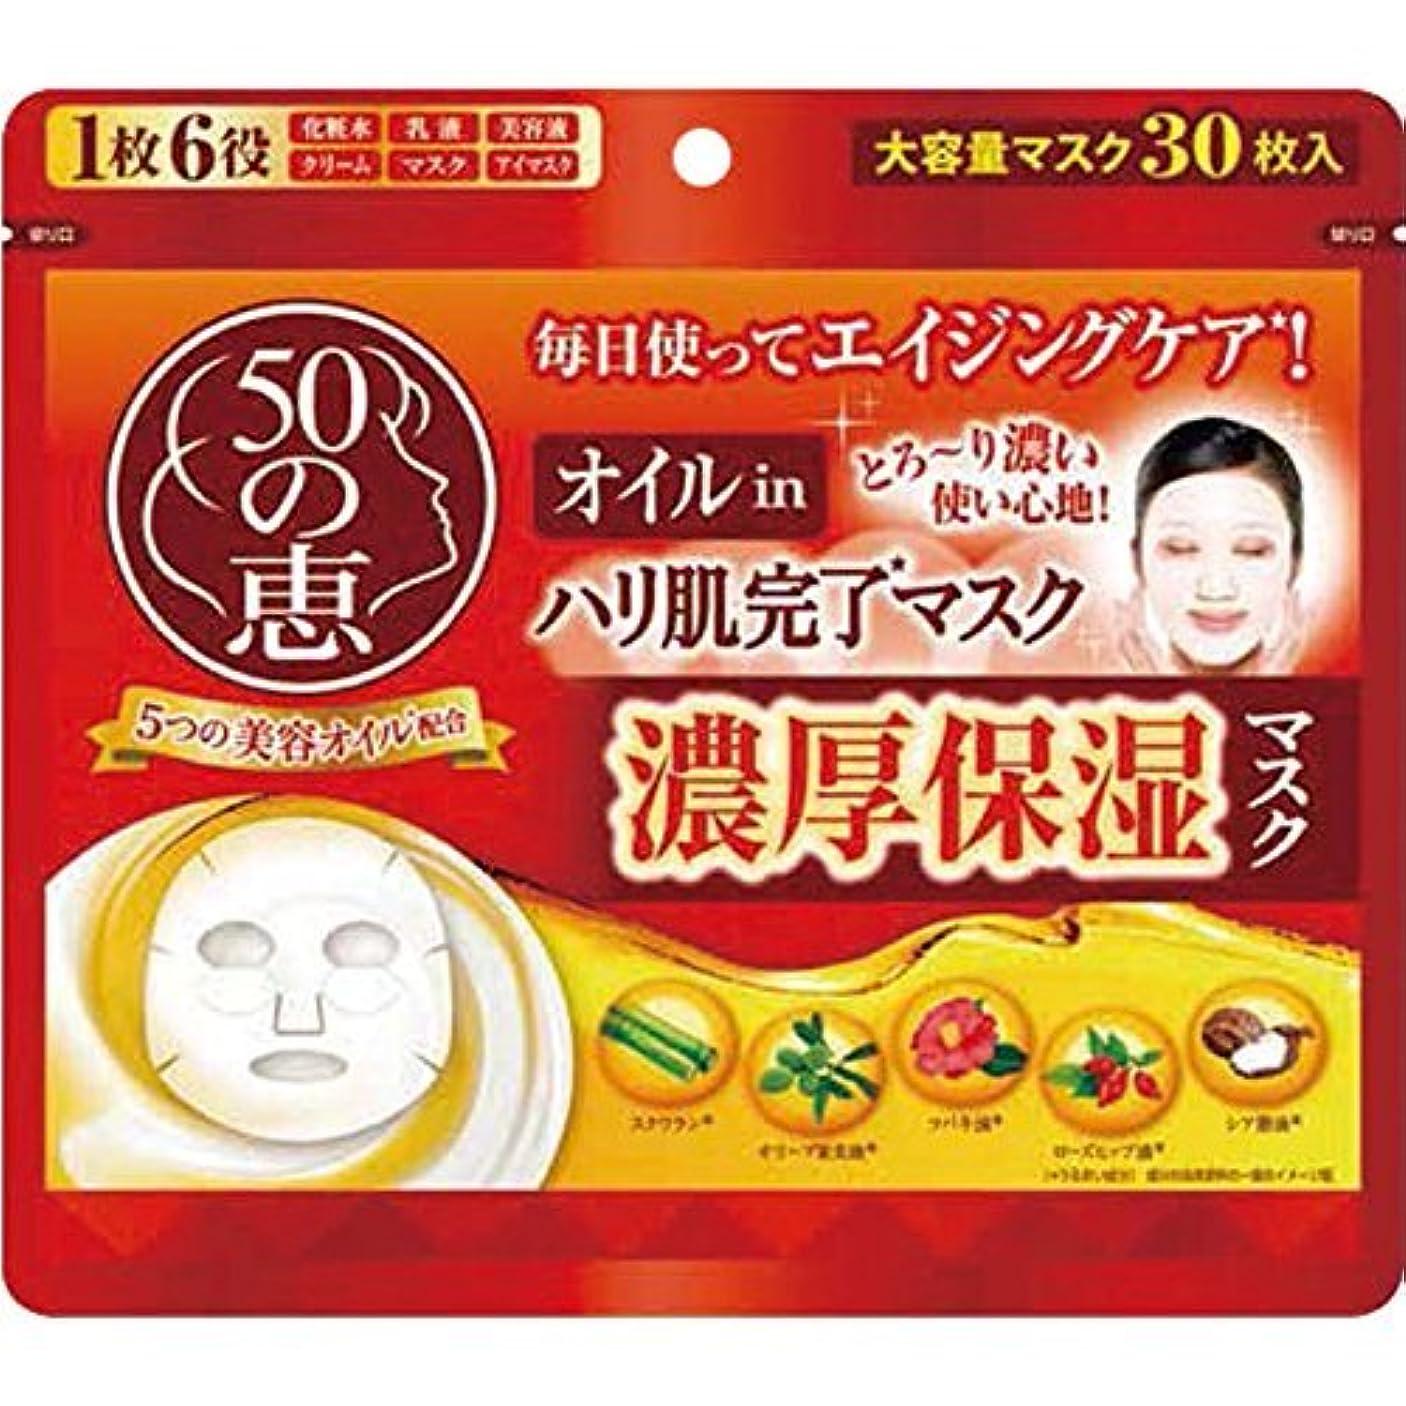 50の恵 オイルinハリ肌完了マスク × 3個セット